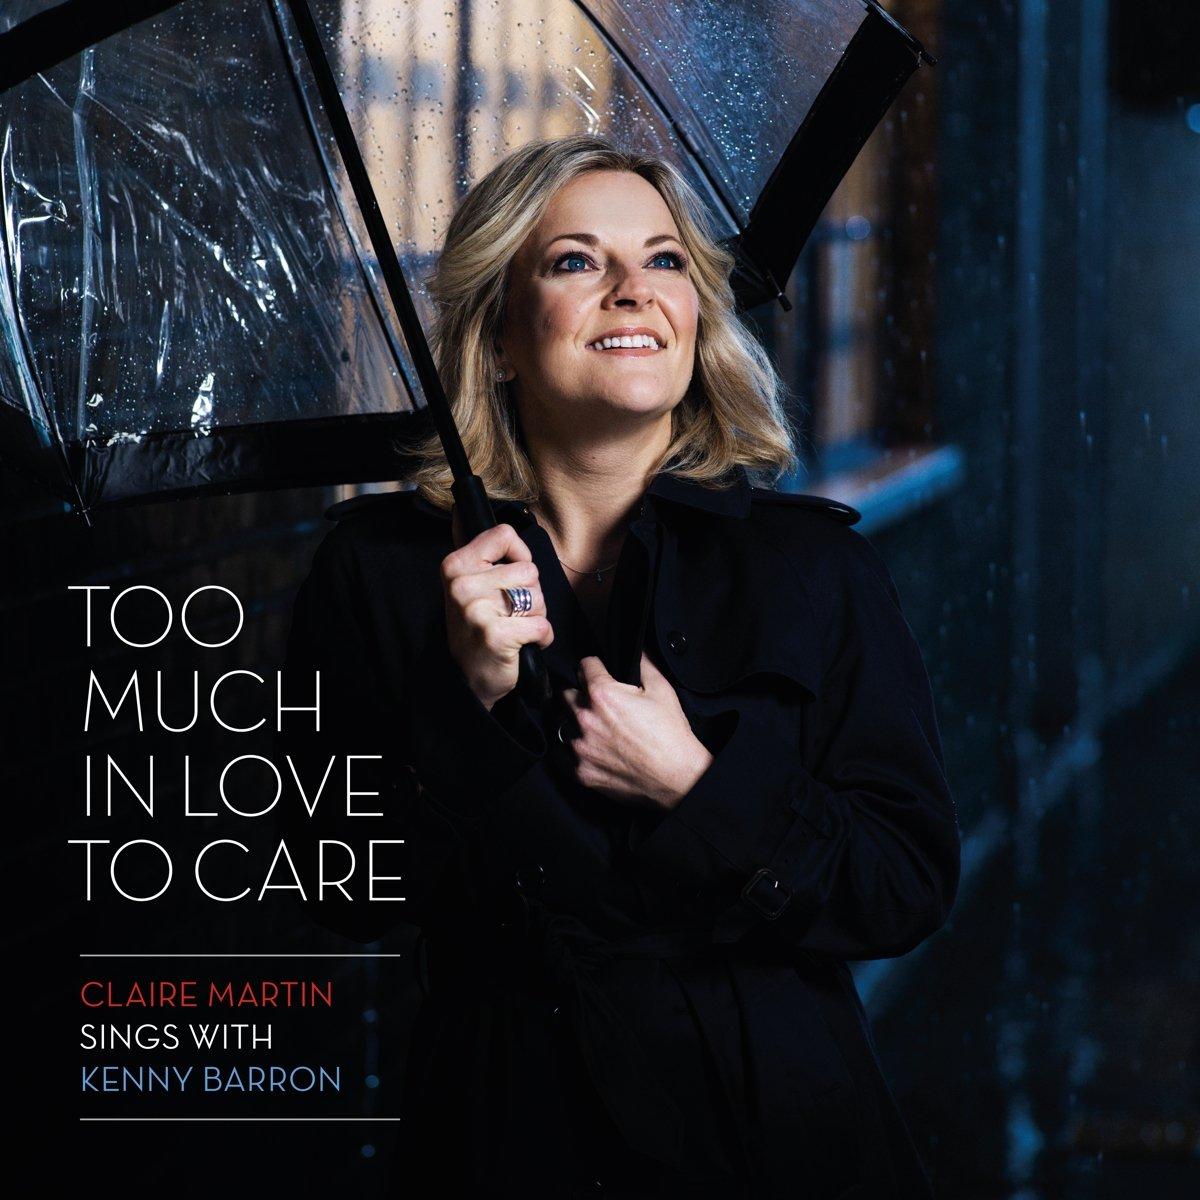 Pagina Para Descargar Libros Claire Martin: Too Much In Love To Care Fariña PDF